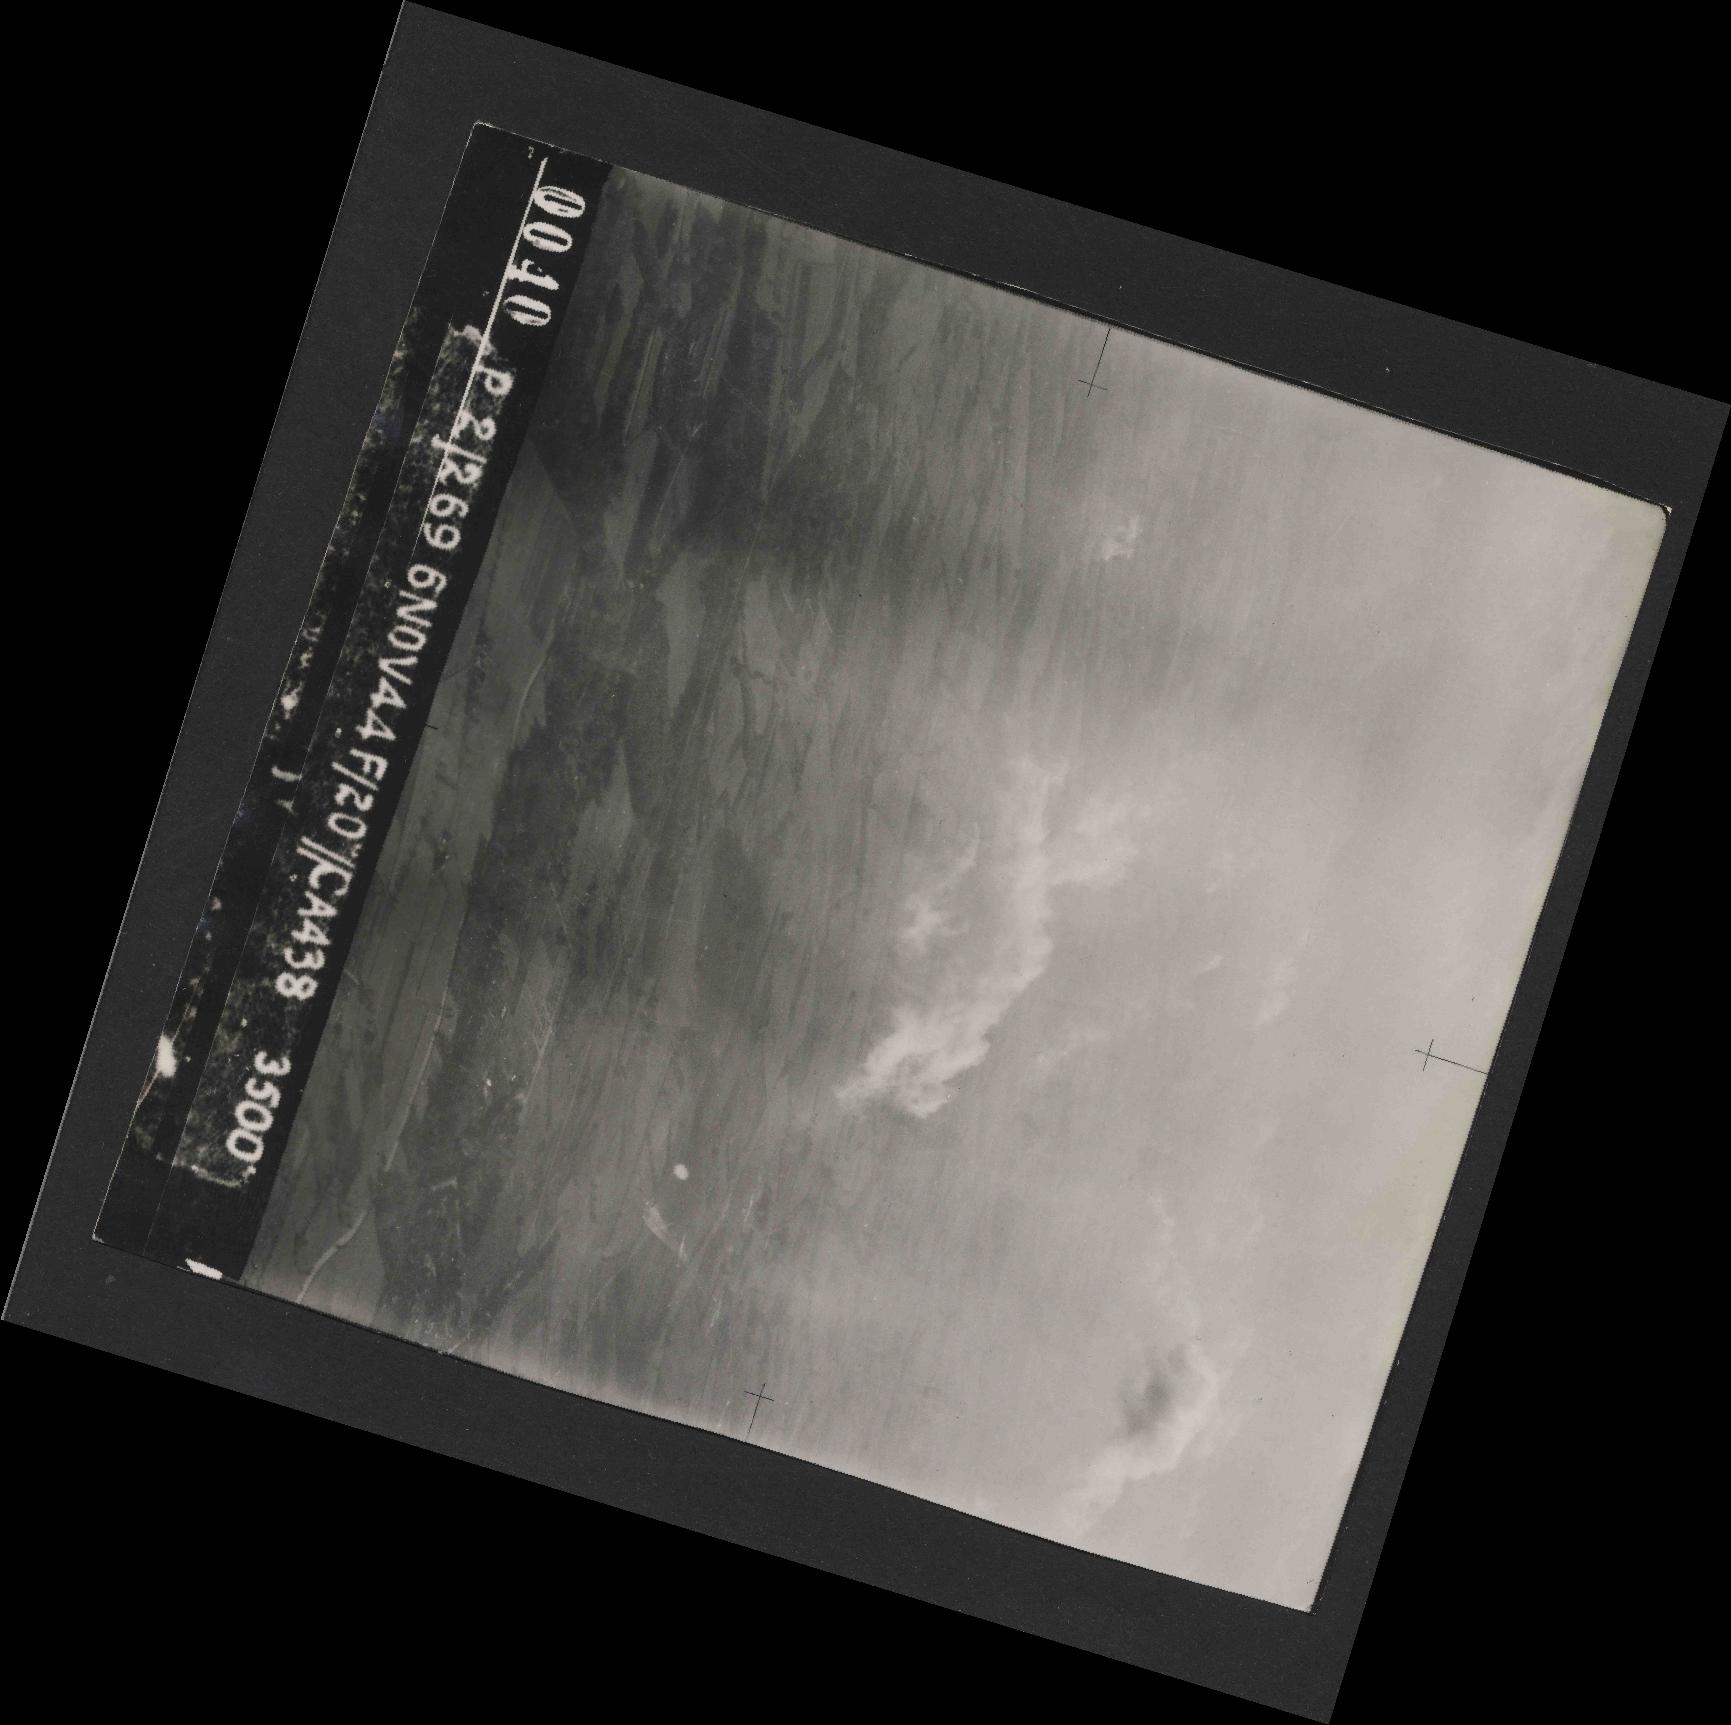 Collection RAF aerial photos 1940-1945 - flight 501, run 01, photo 0040